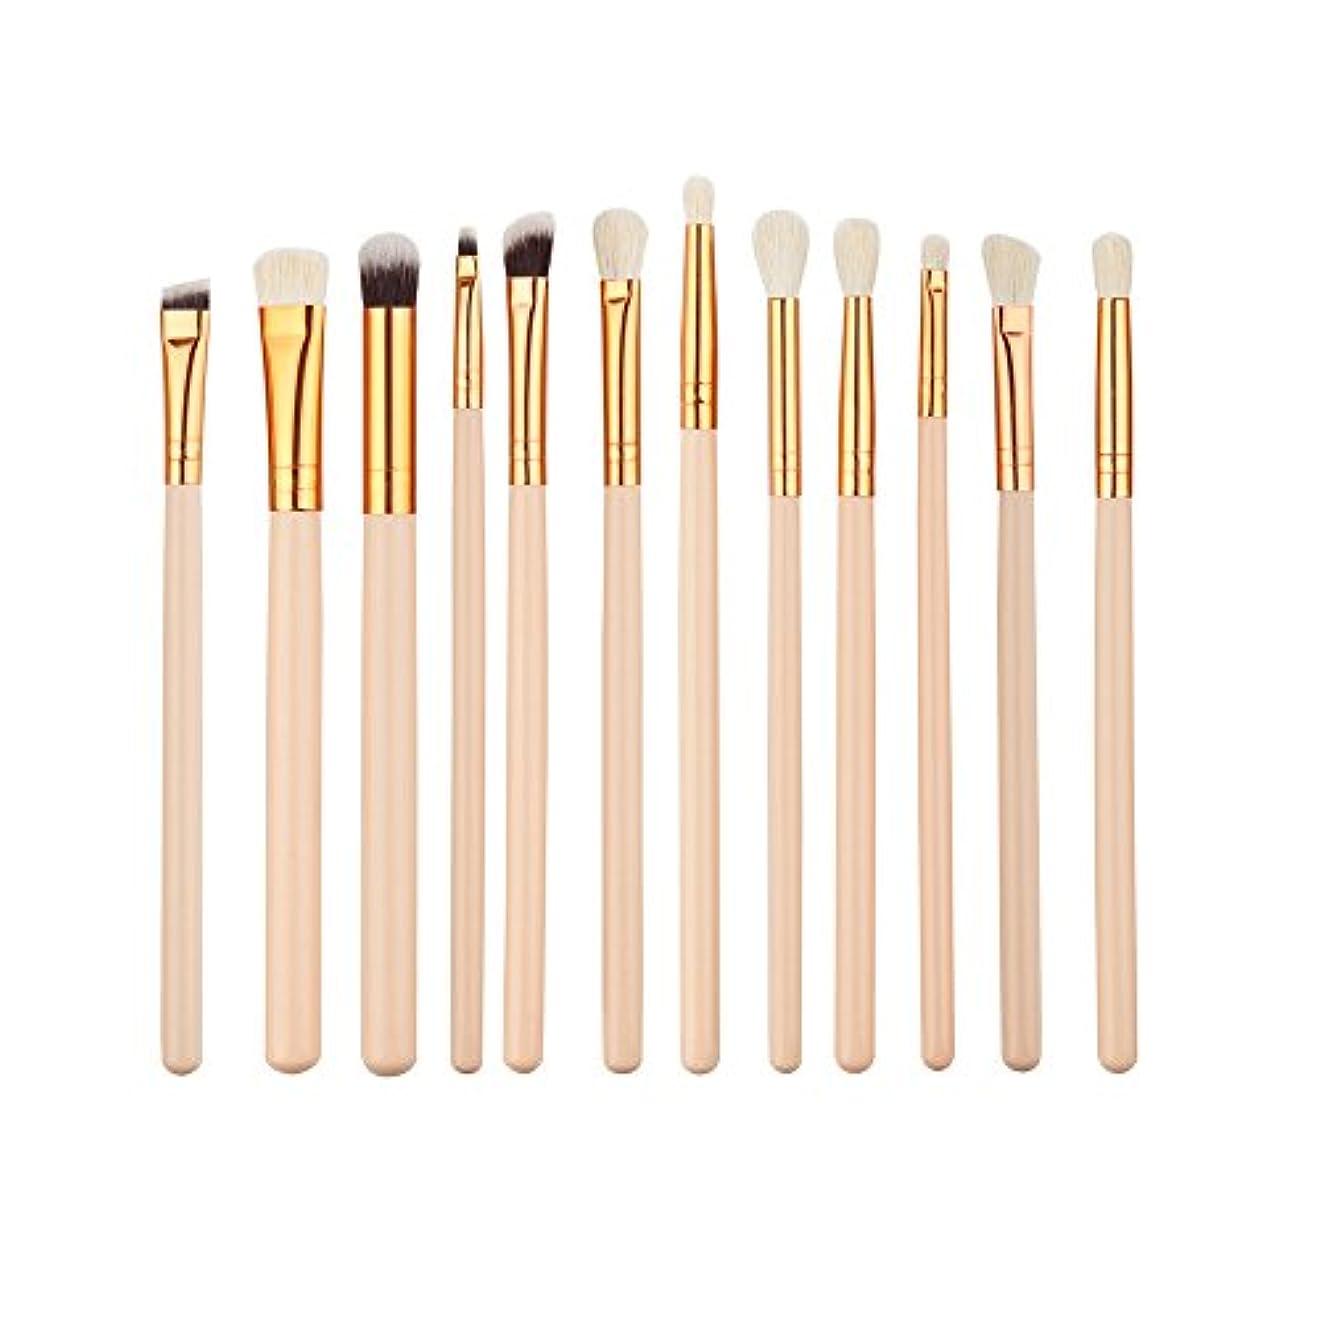 硬化する持っている森林ELECOOL 12pcs Eye Makeup Brushes Kit Women Eyeshadow Powder Eyeliner Blending Brush Eye Shadow Brushes